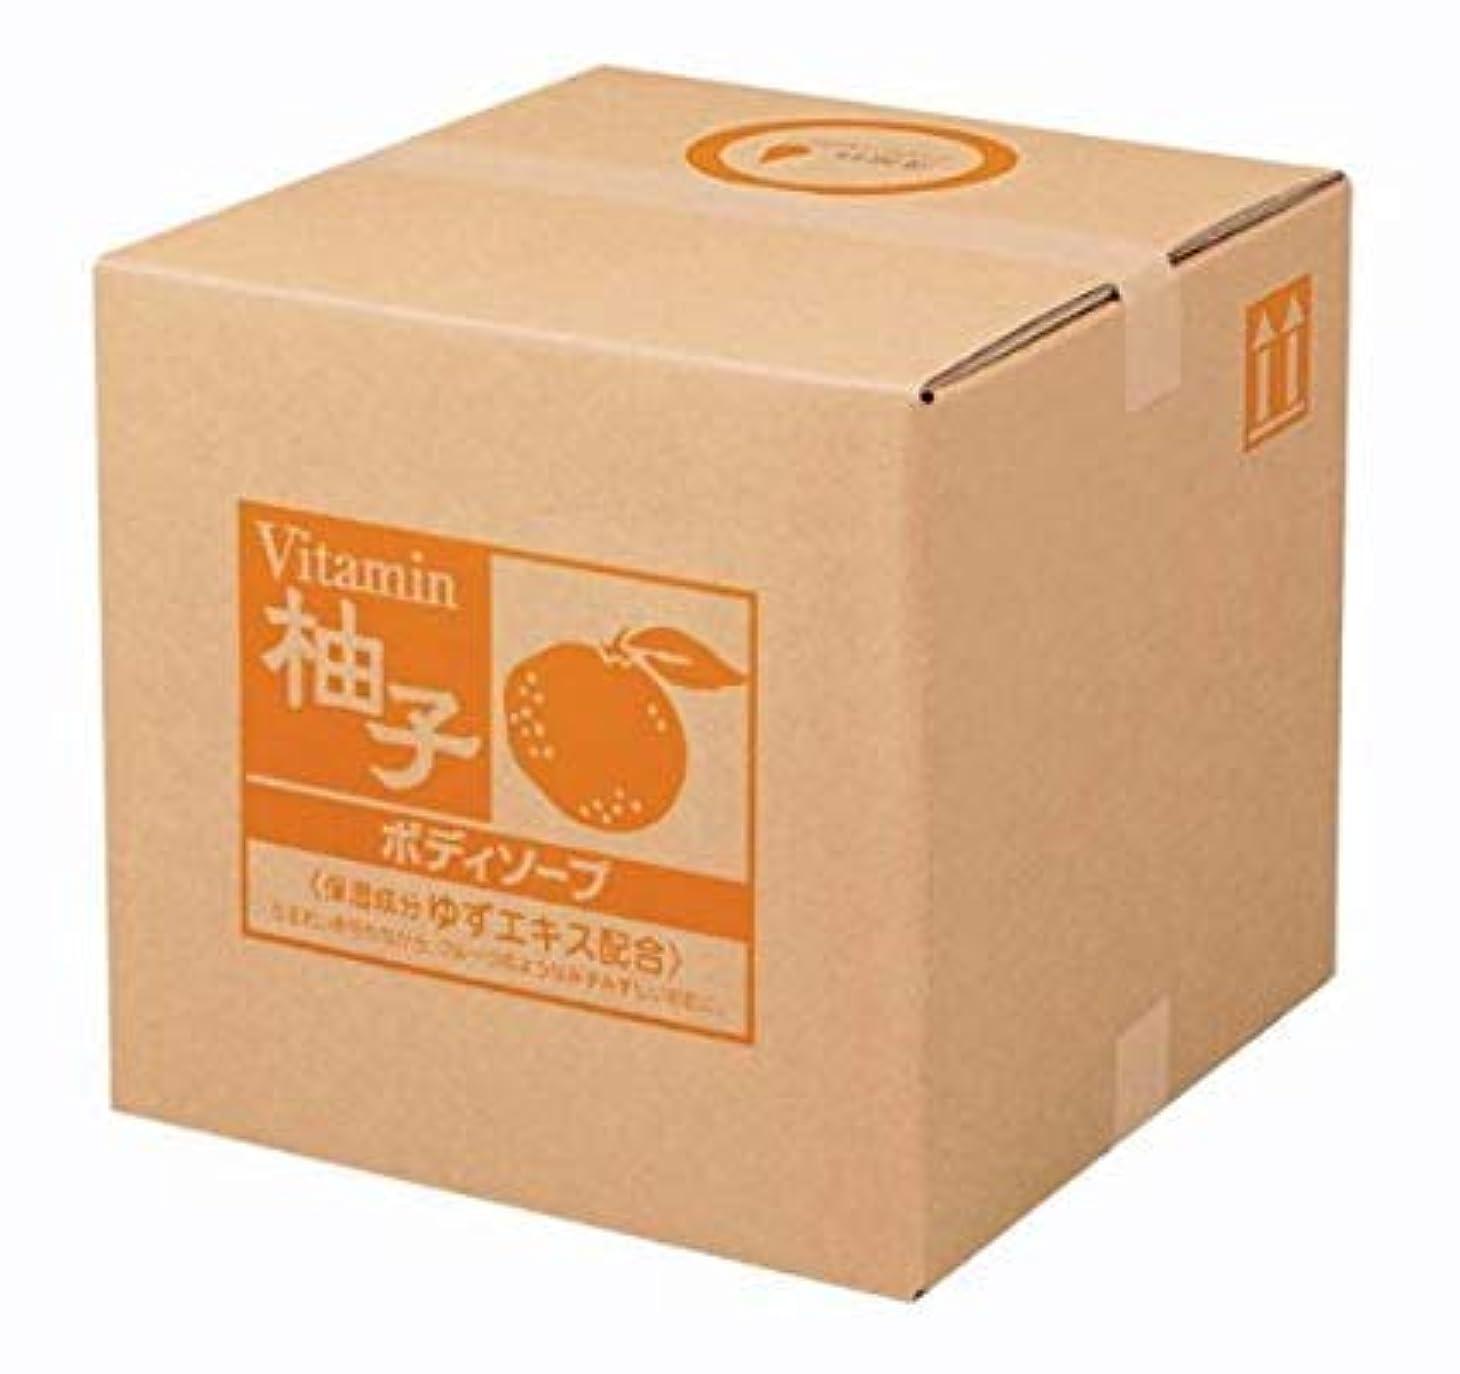 むしろ扱いやすいフォーマル業務用 SCRITT(スクリット) 柚子 ボディソープ 18L 熊野油脂 (コック無し)